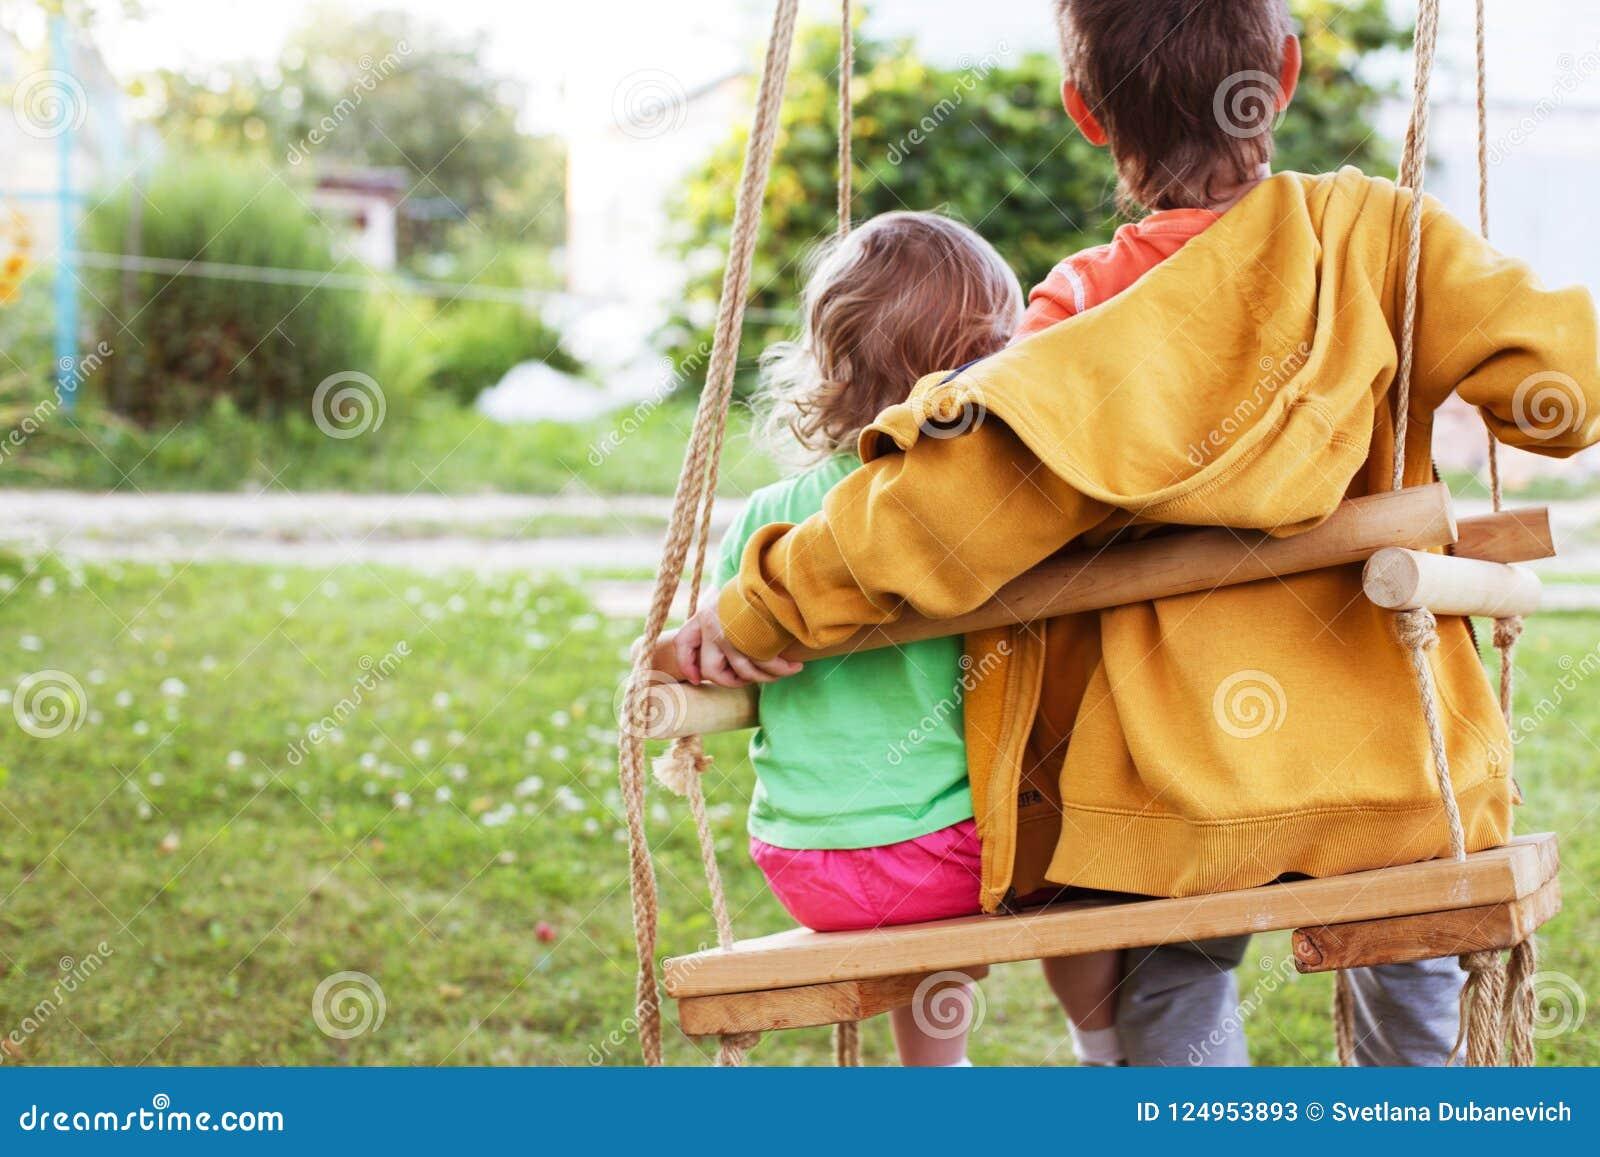 Старший брат обнимая маленькую сестру